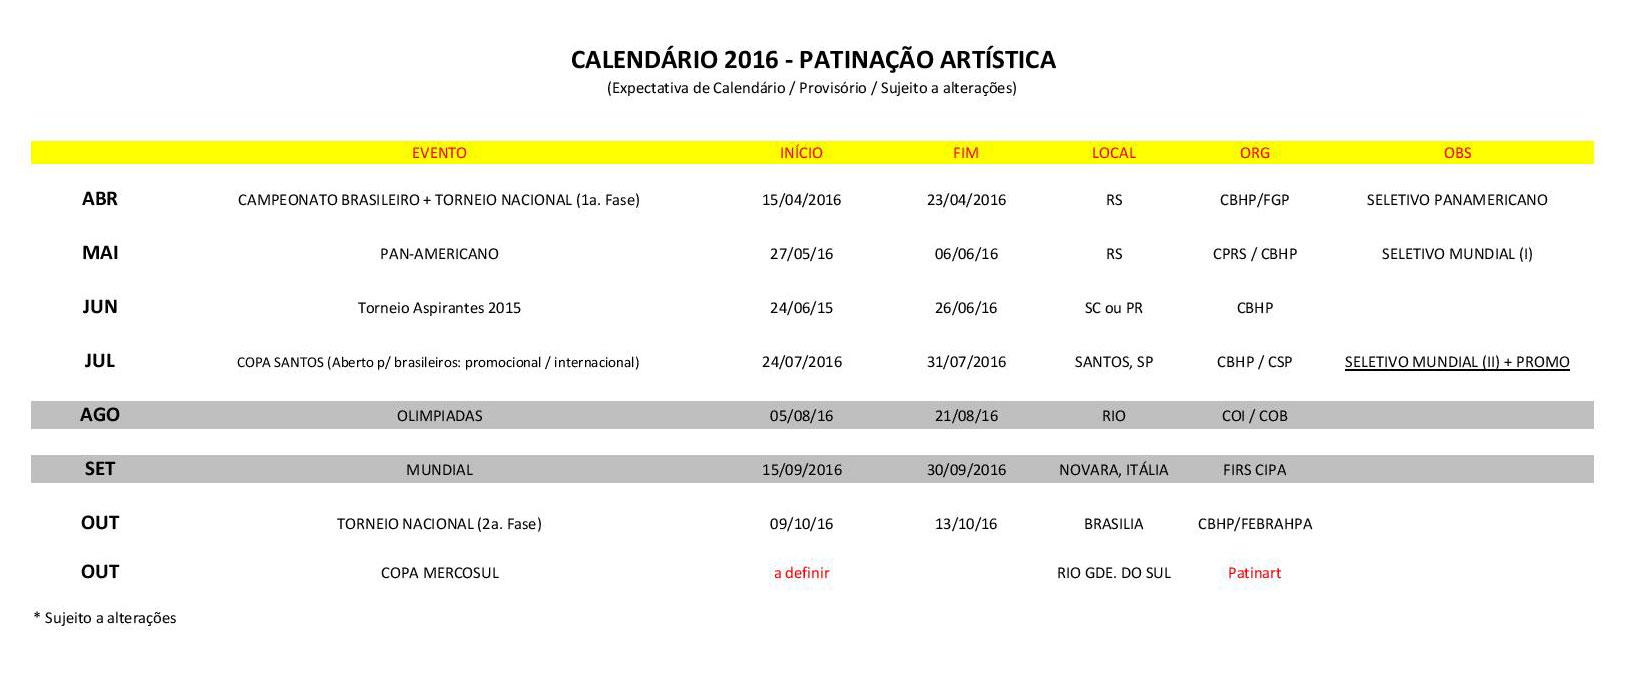 CALENDARIO-ARTISTICA-2016-p